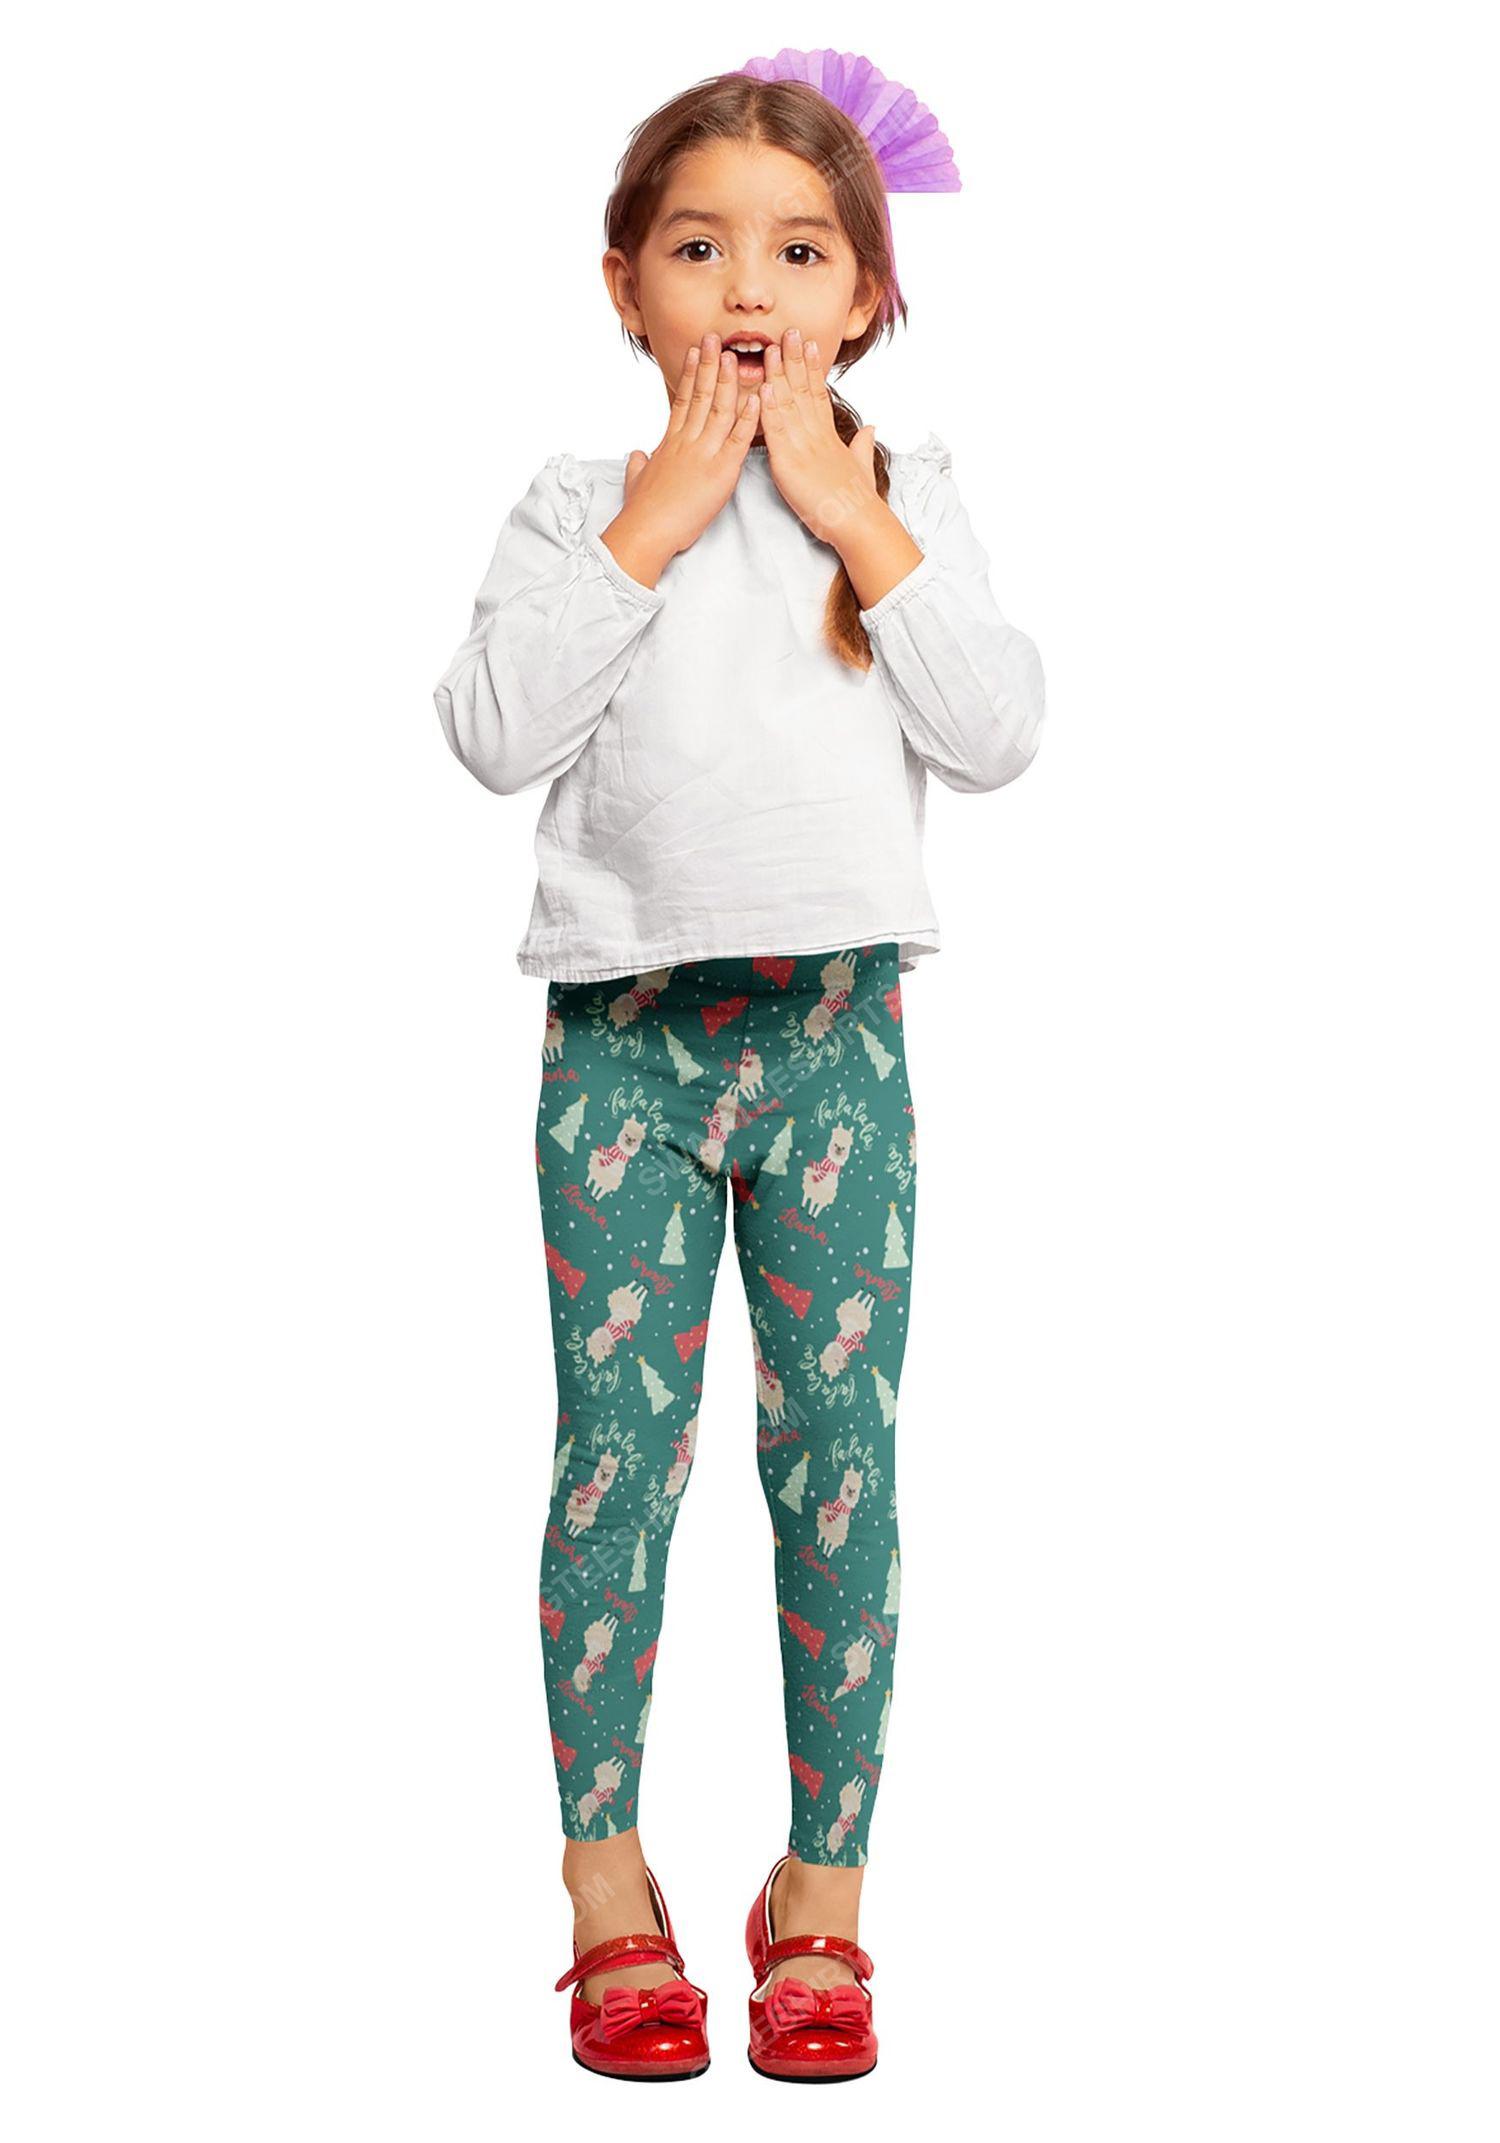 Christmas holiday fa la la la llama pattern full print leggings 1